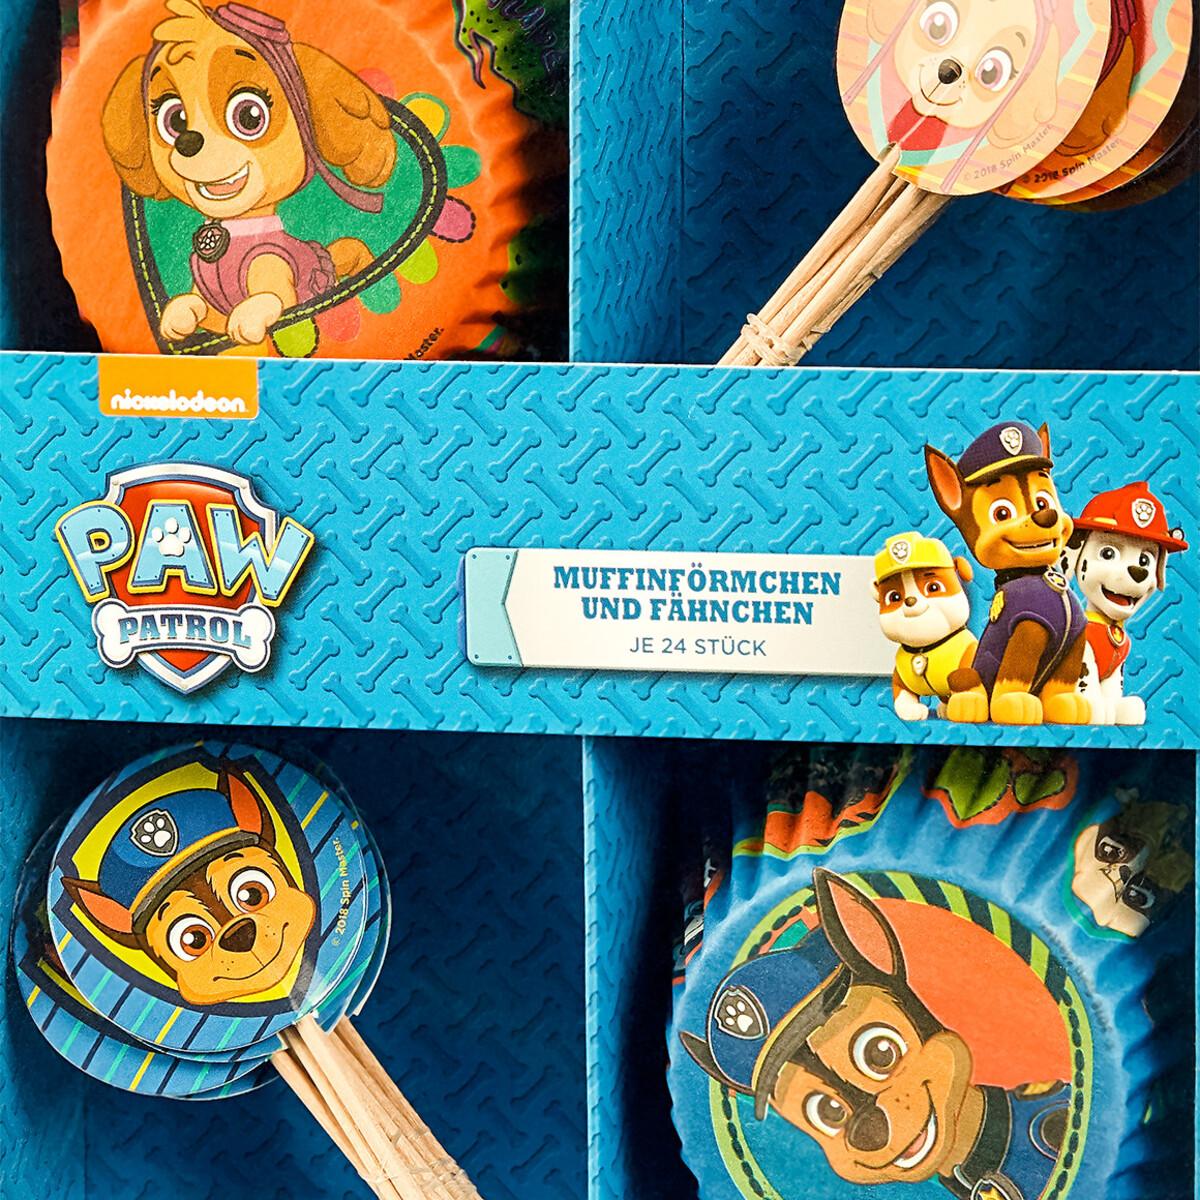 Bild 2 von PAW Patrol Muffin-Förmchen und Fahnen im Set